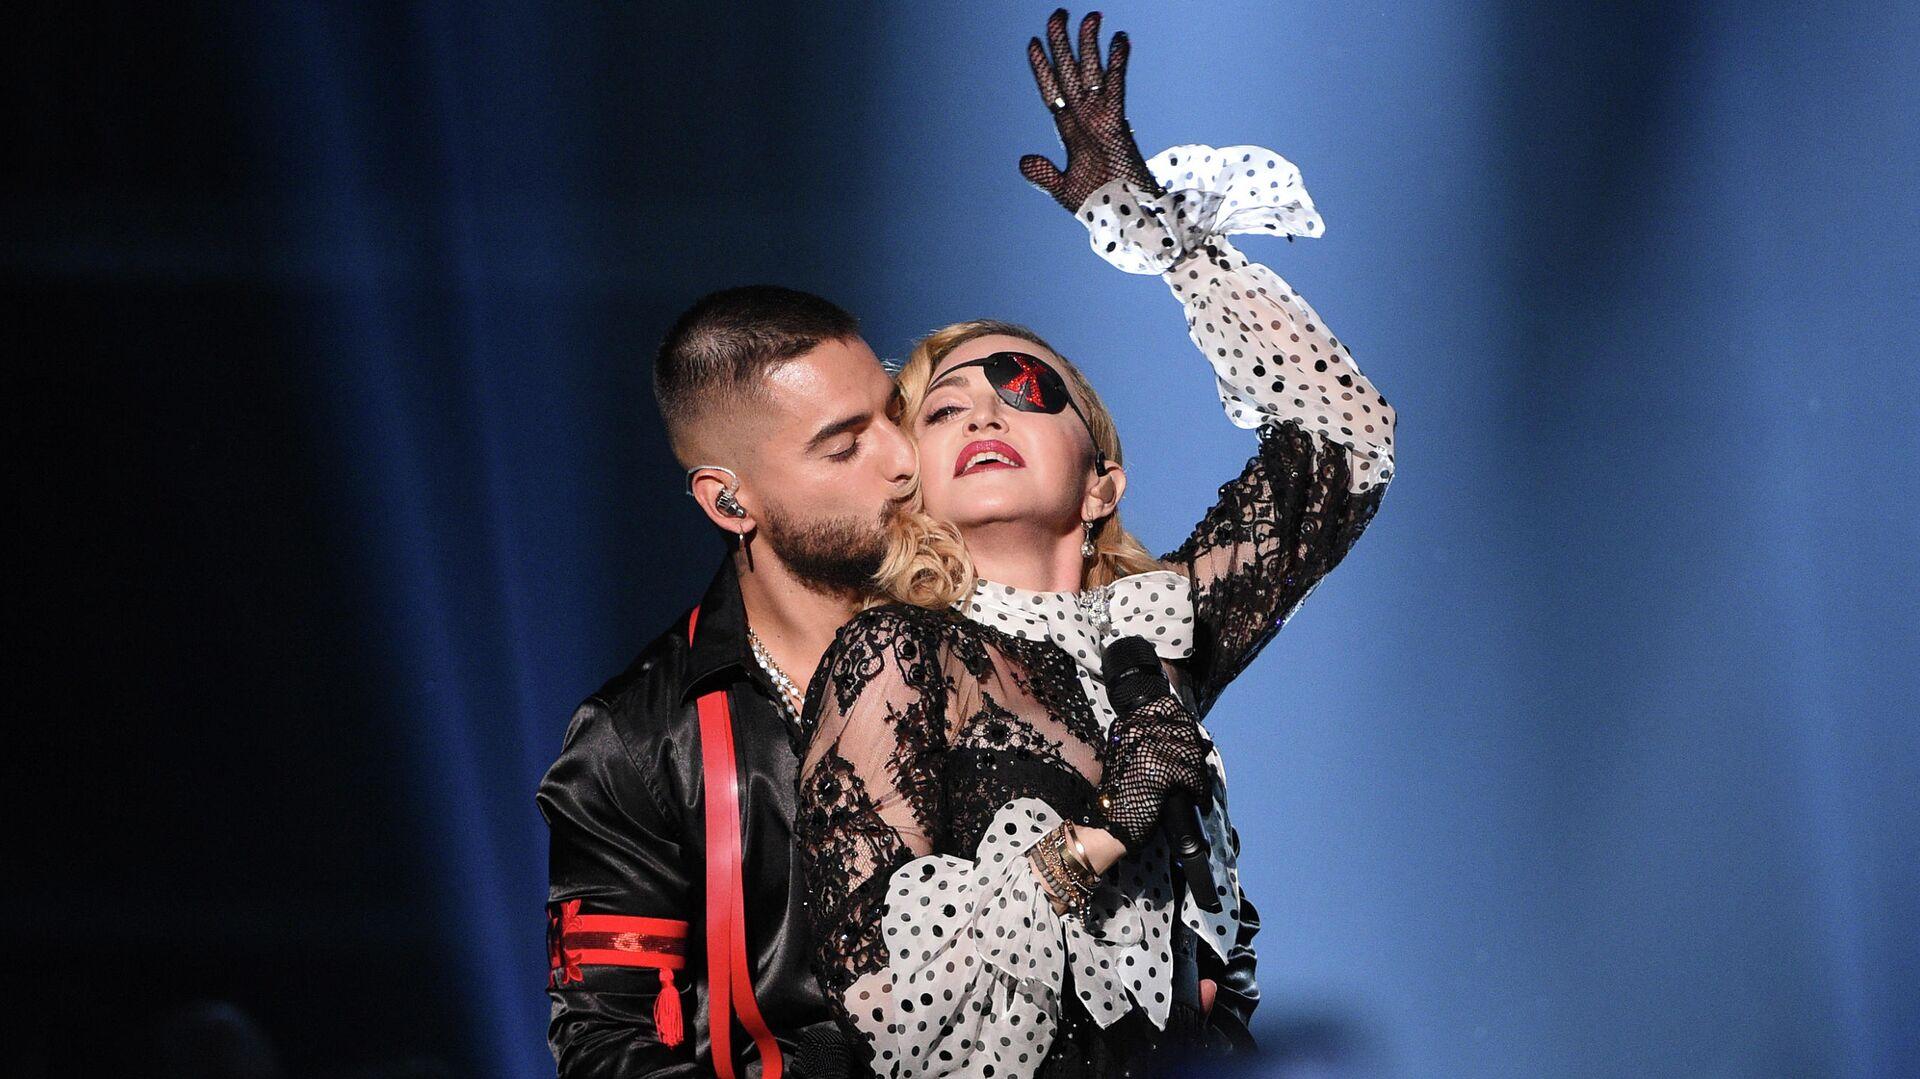 Певец Малума целует Мадонну на Billboard Music Awards в Лас-Вегасе - РИА Новости, 1920, 08.03.2020